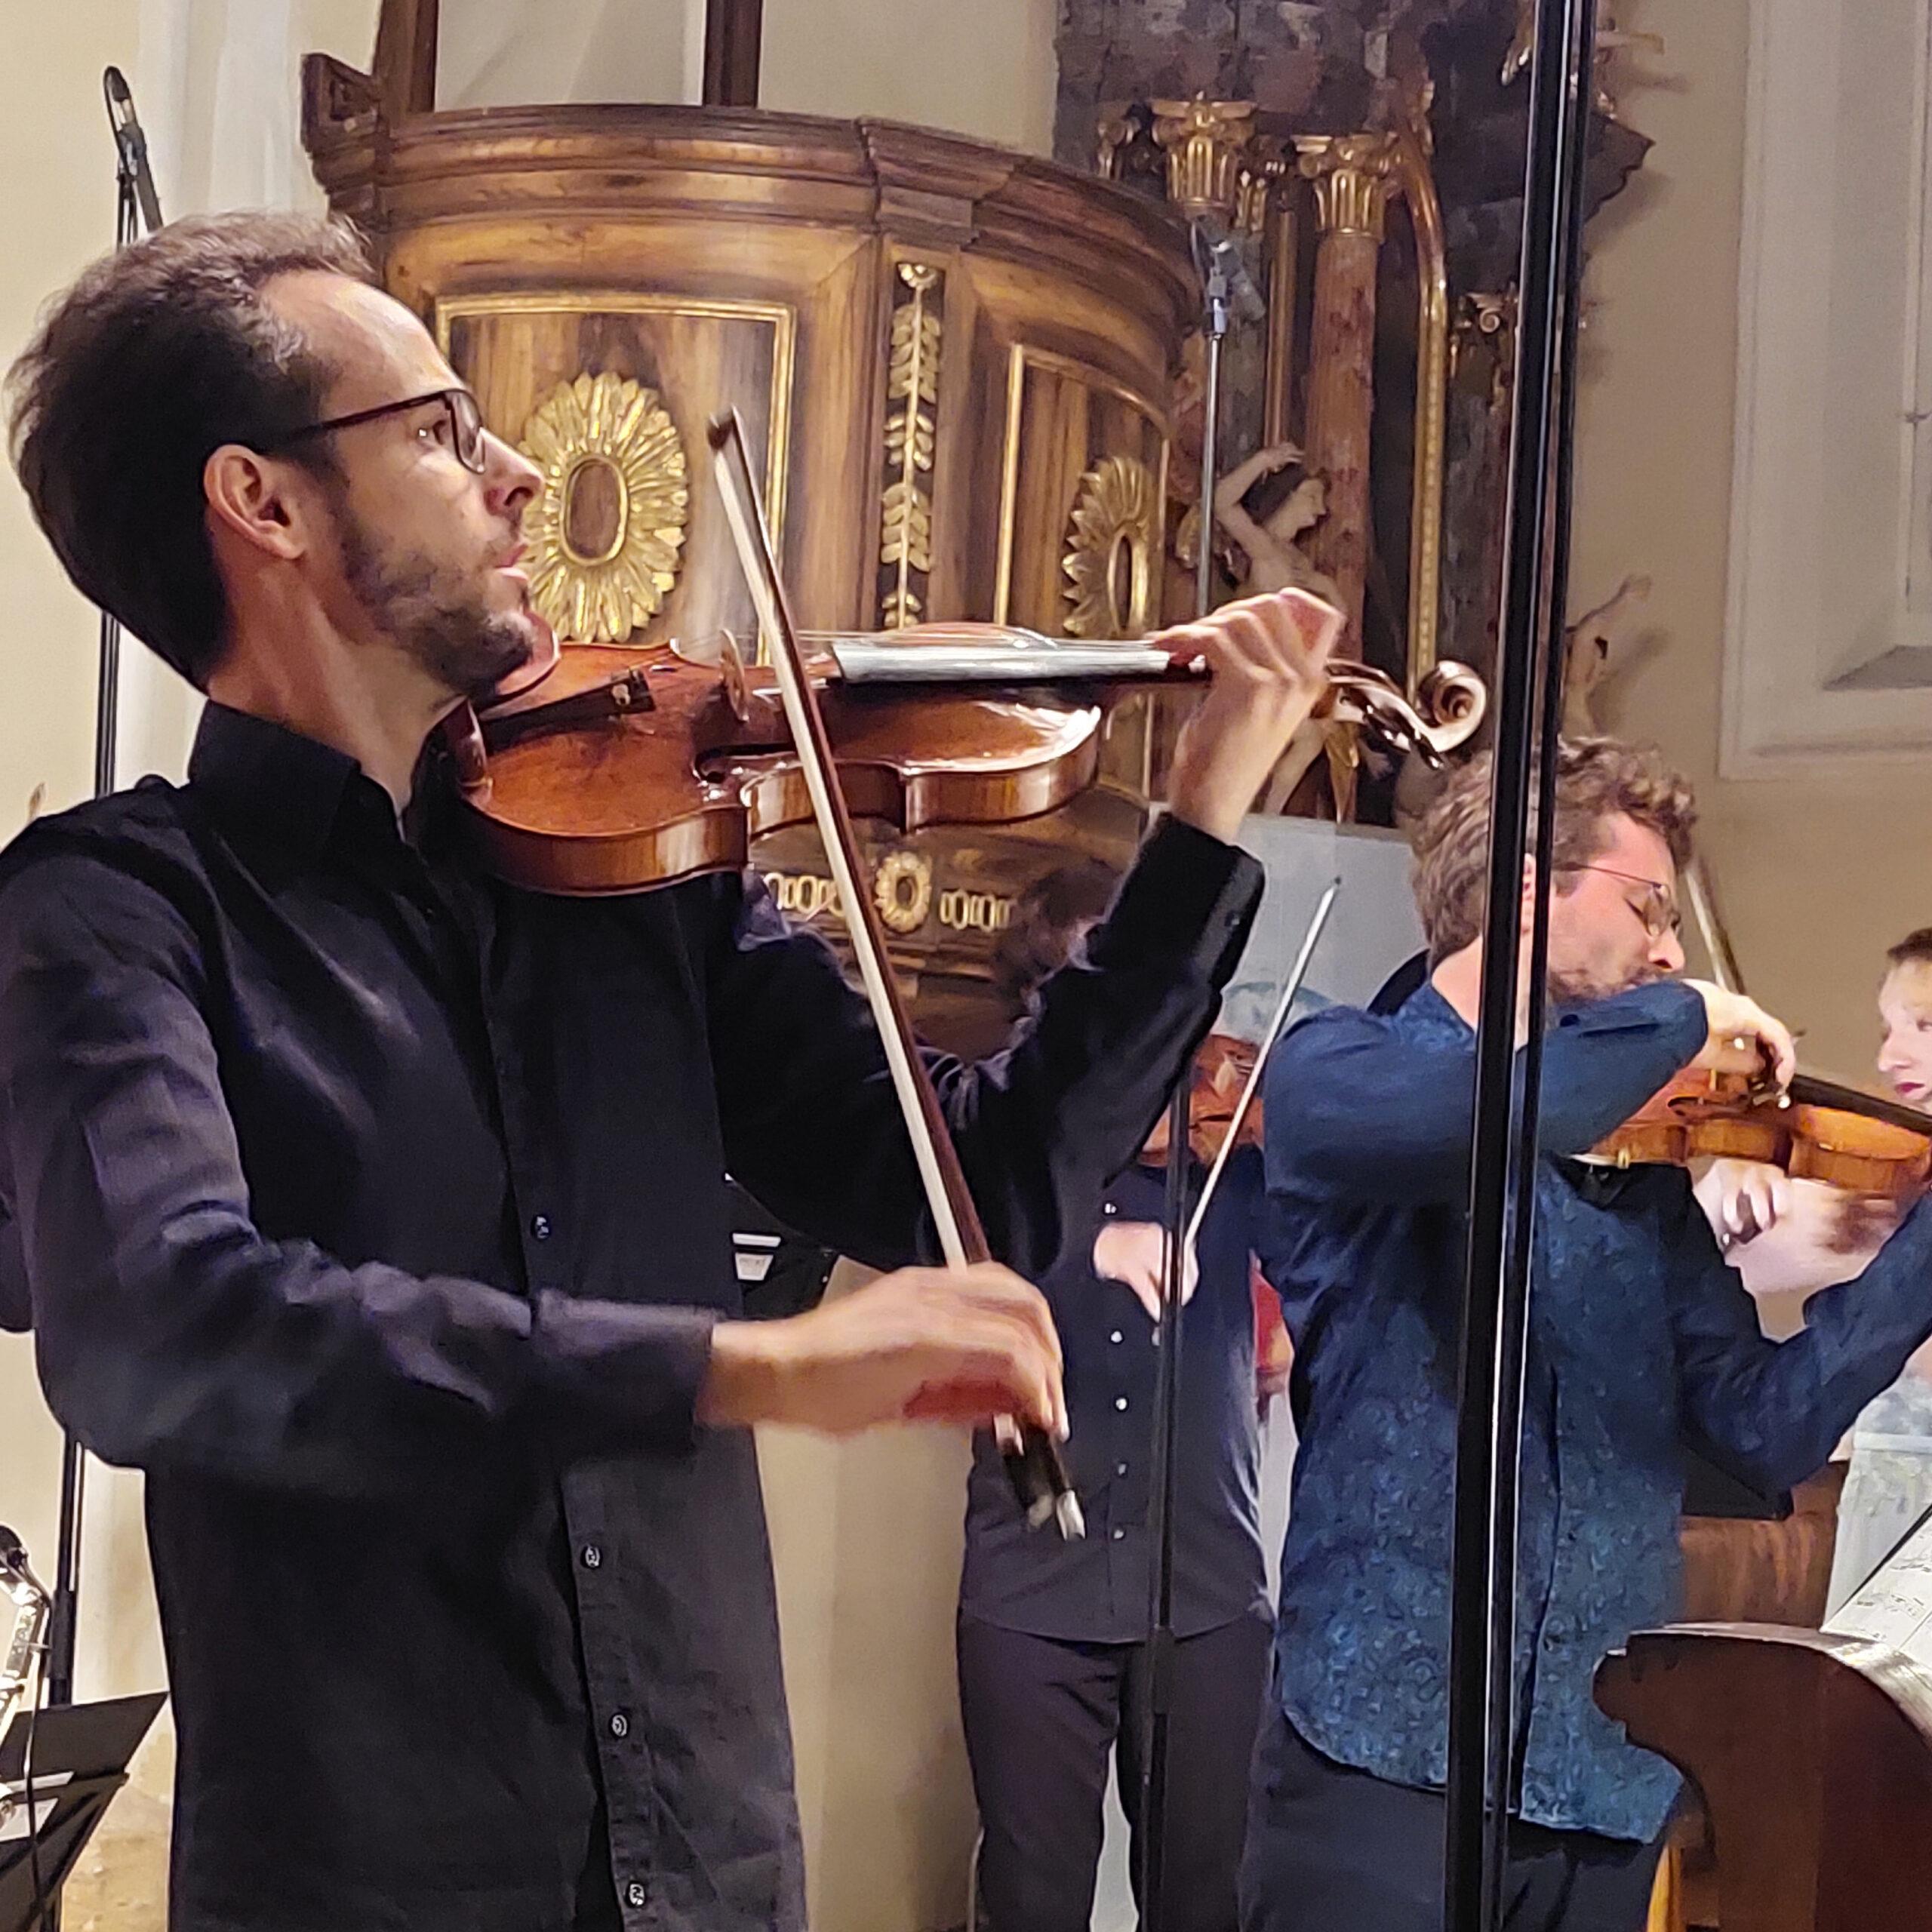 Finale im Doppel im Rahmen des Steirischen Kammermusikfestivals